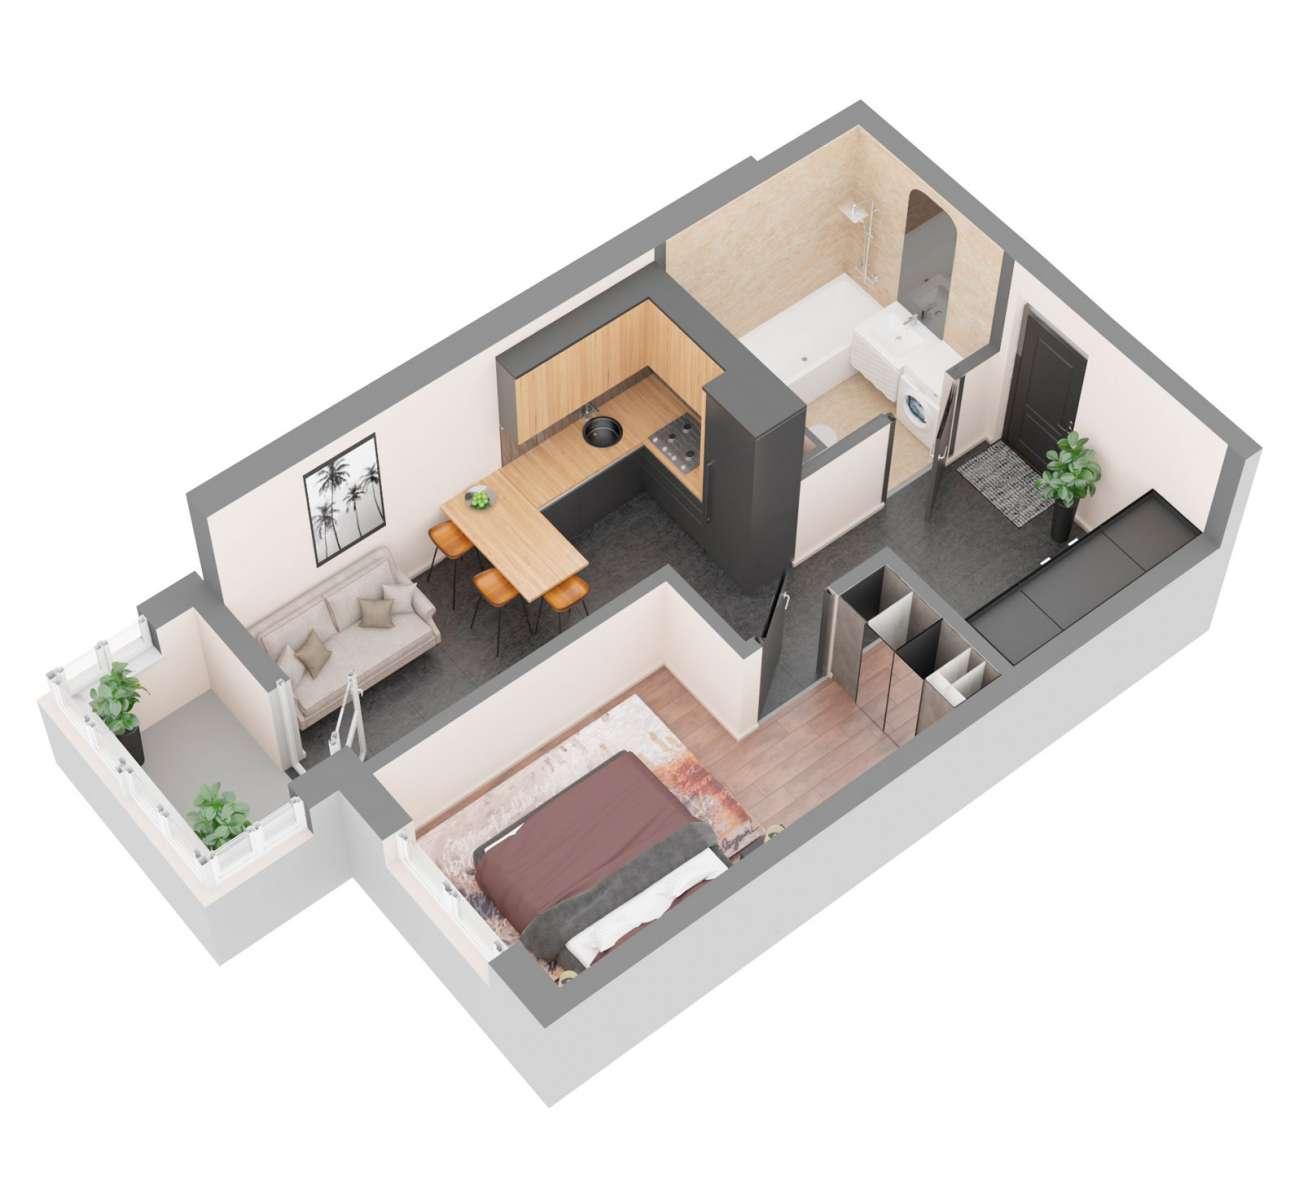 Продажа новая однокомнатная квартира планировка 1Б от застройщика в ЖК 4U улица Наумова Киев. Агентство недвижимости